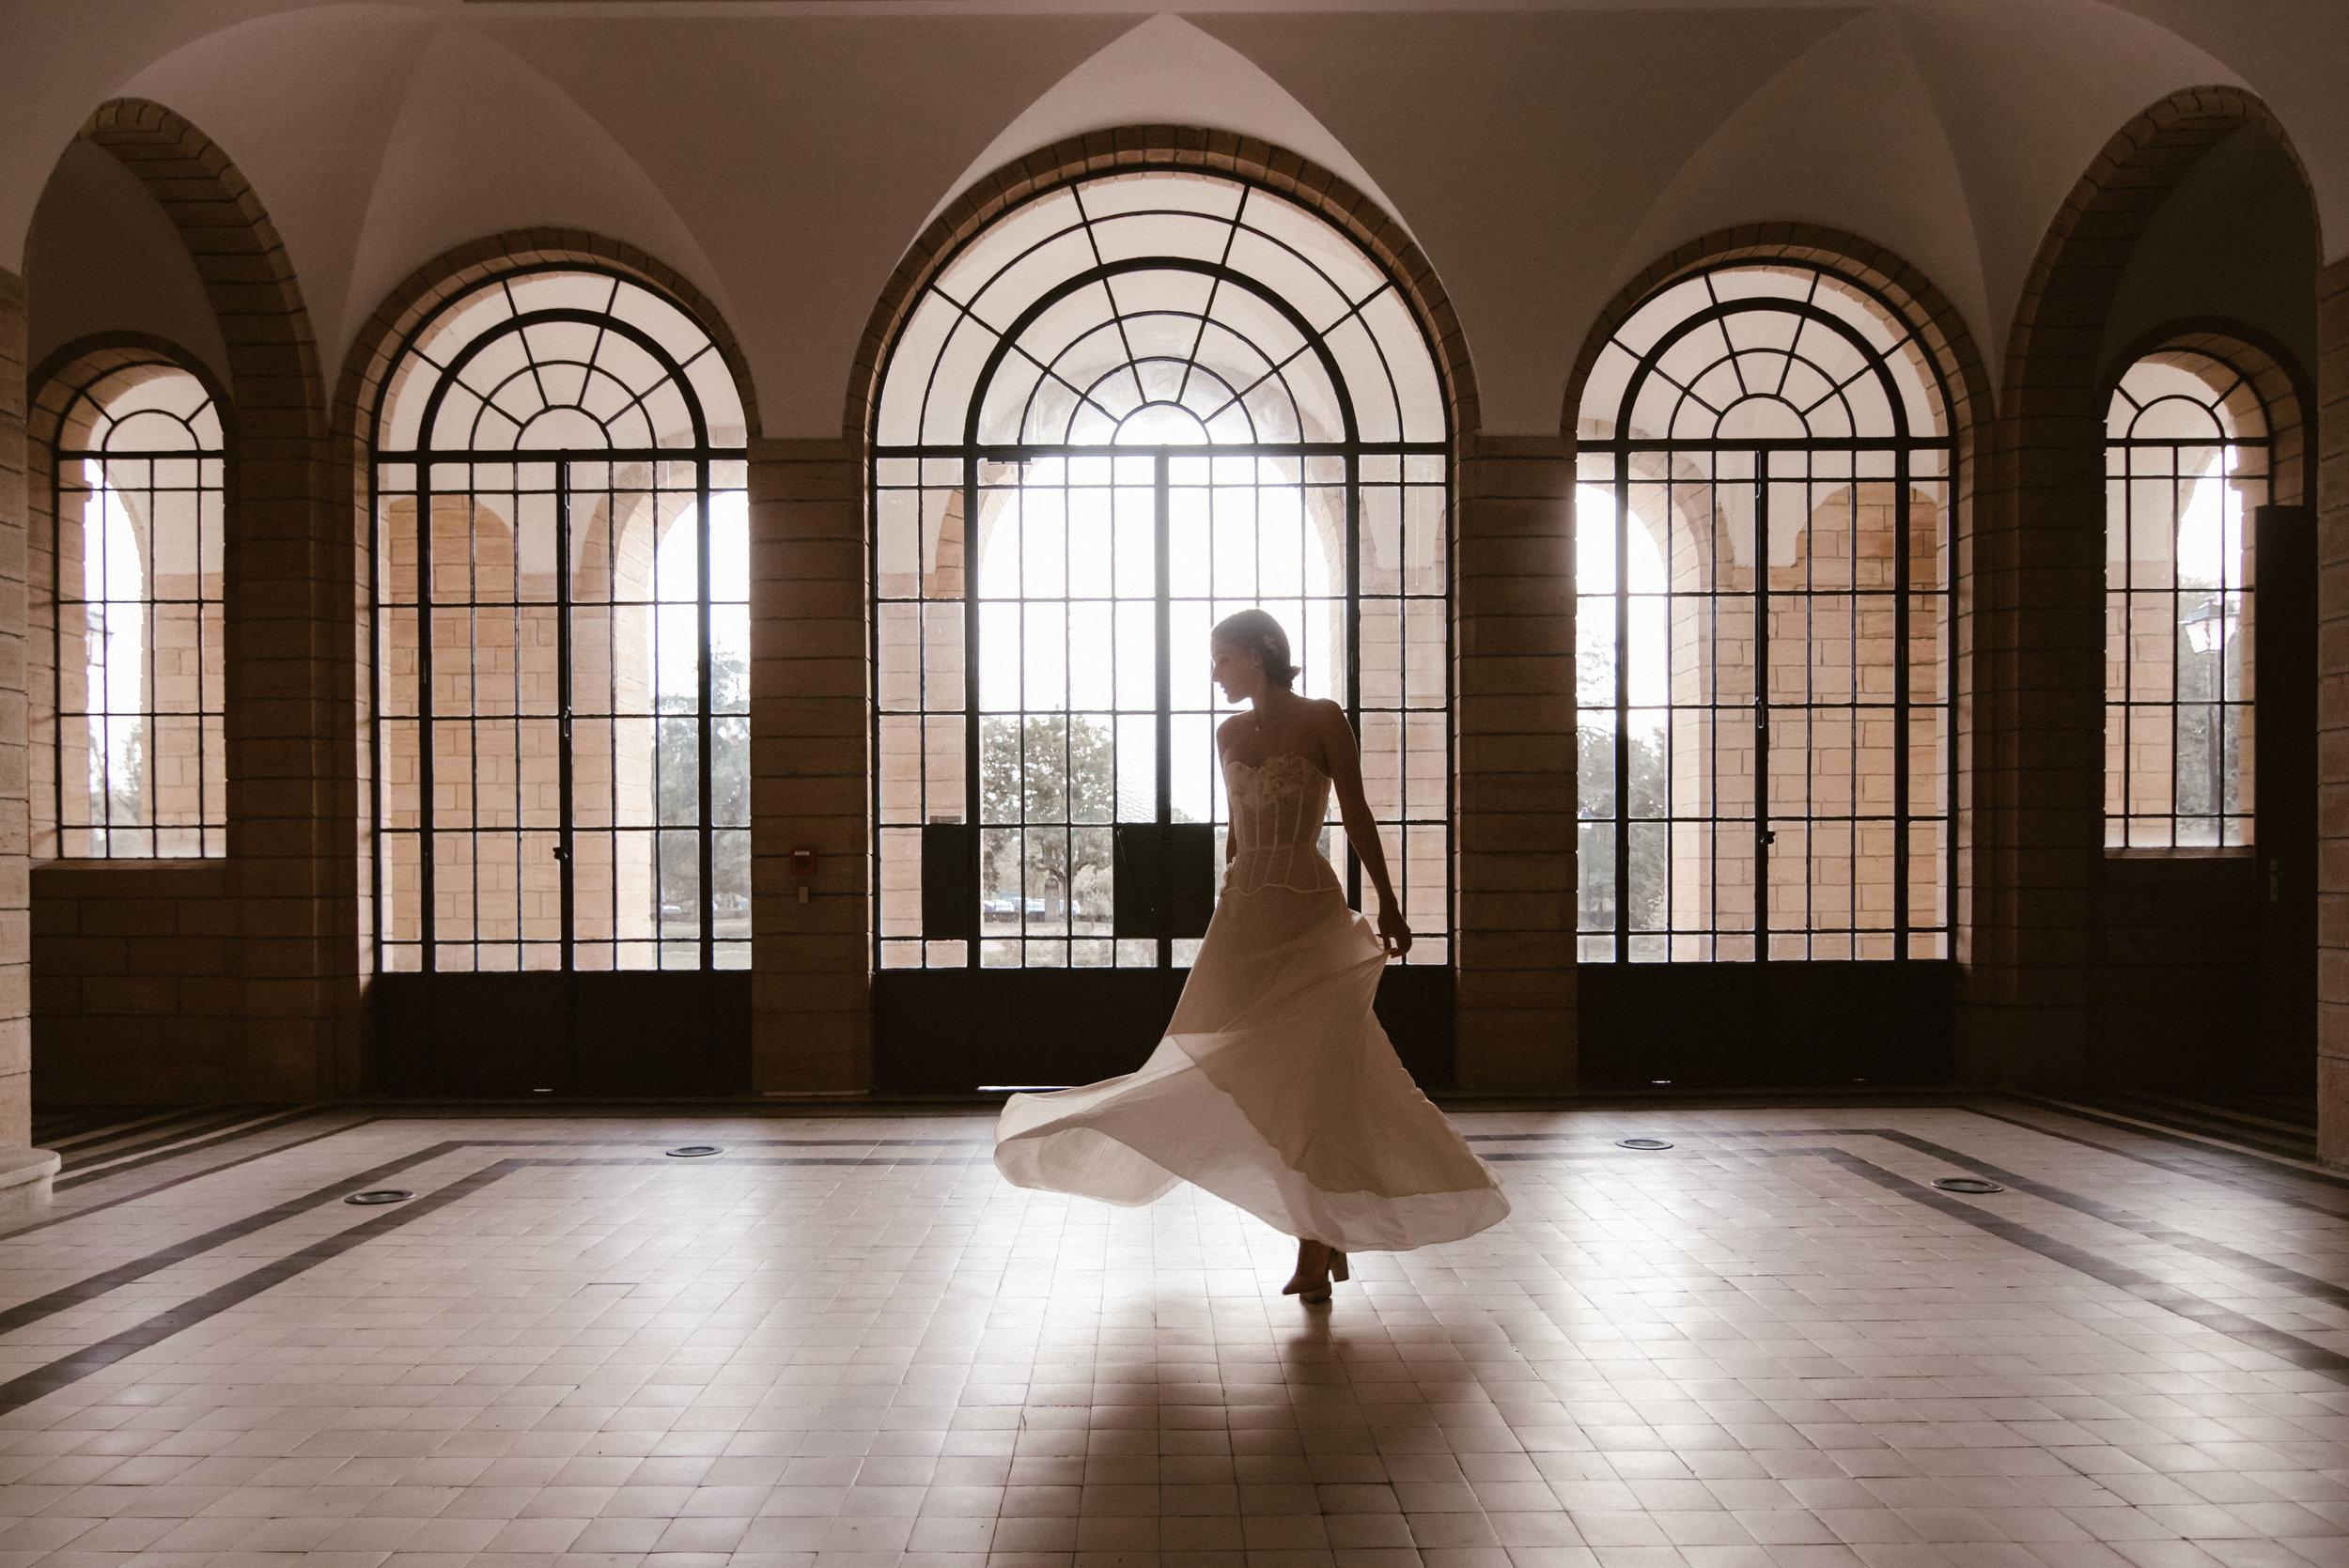 Léa-Fery-photographe-professionnel-lyon-rhone-alpes-portrait-creation-mariage-evenement-evenementiel-famille-4742.jpg